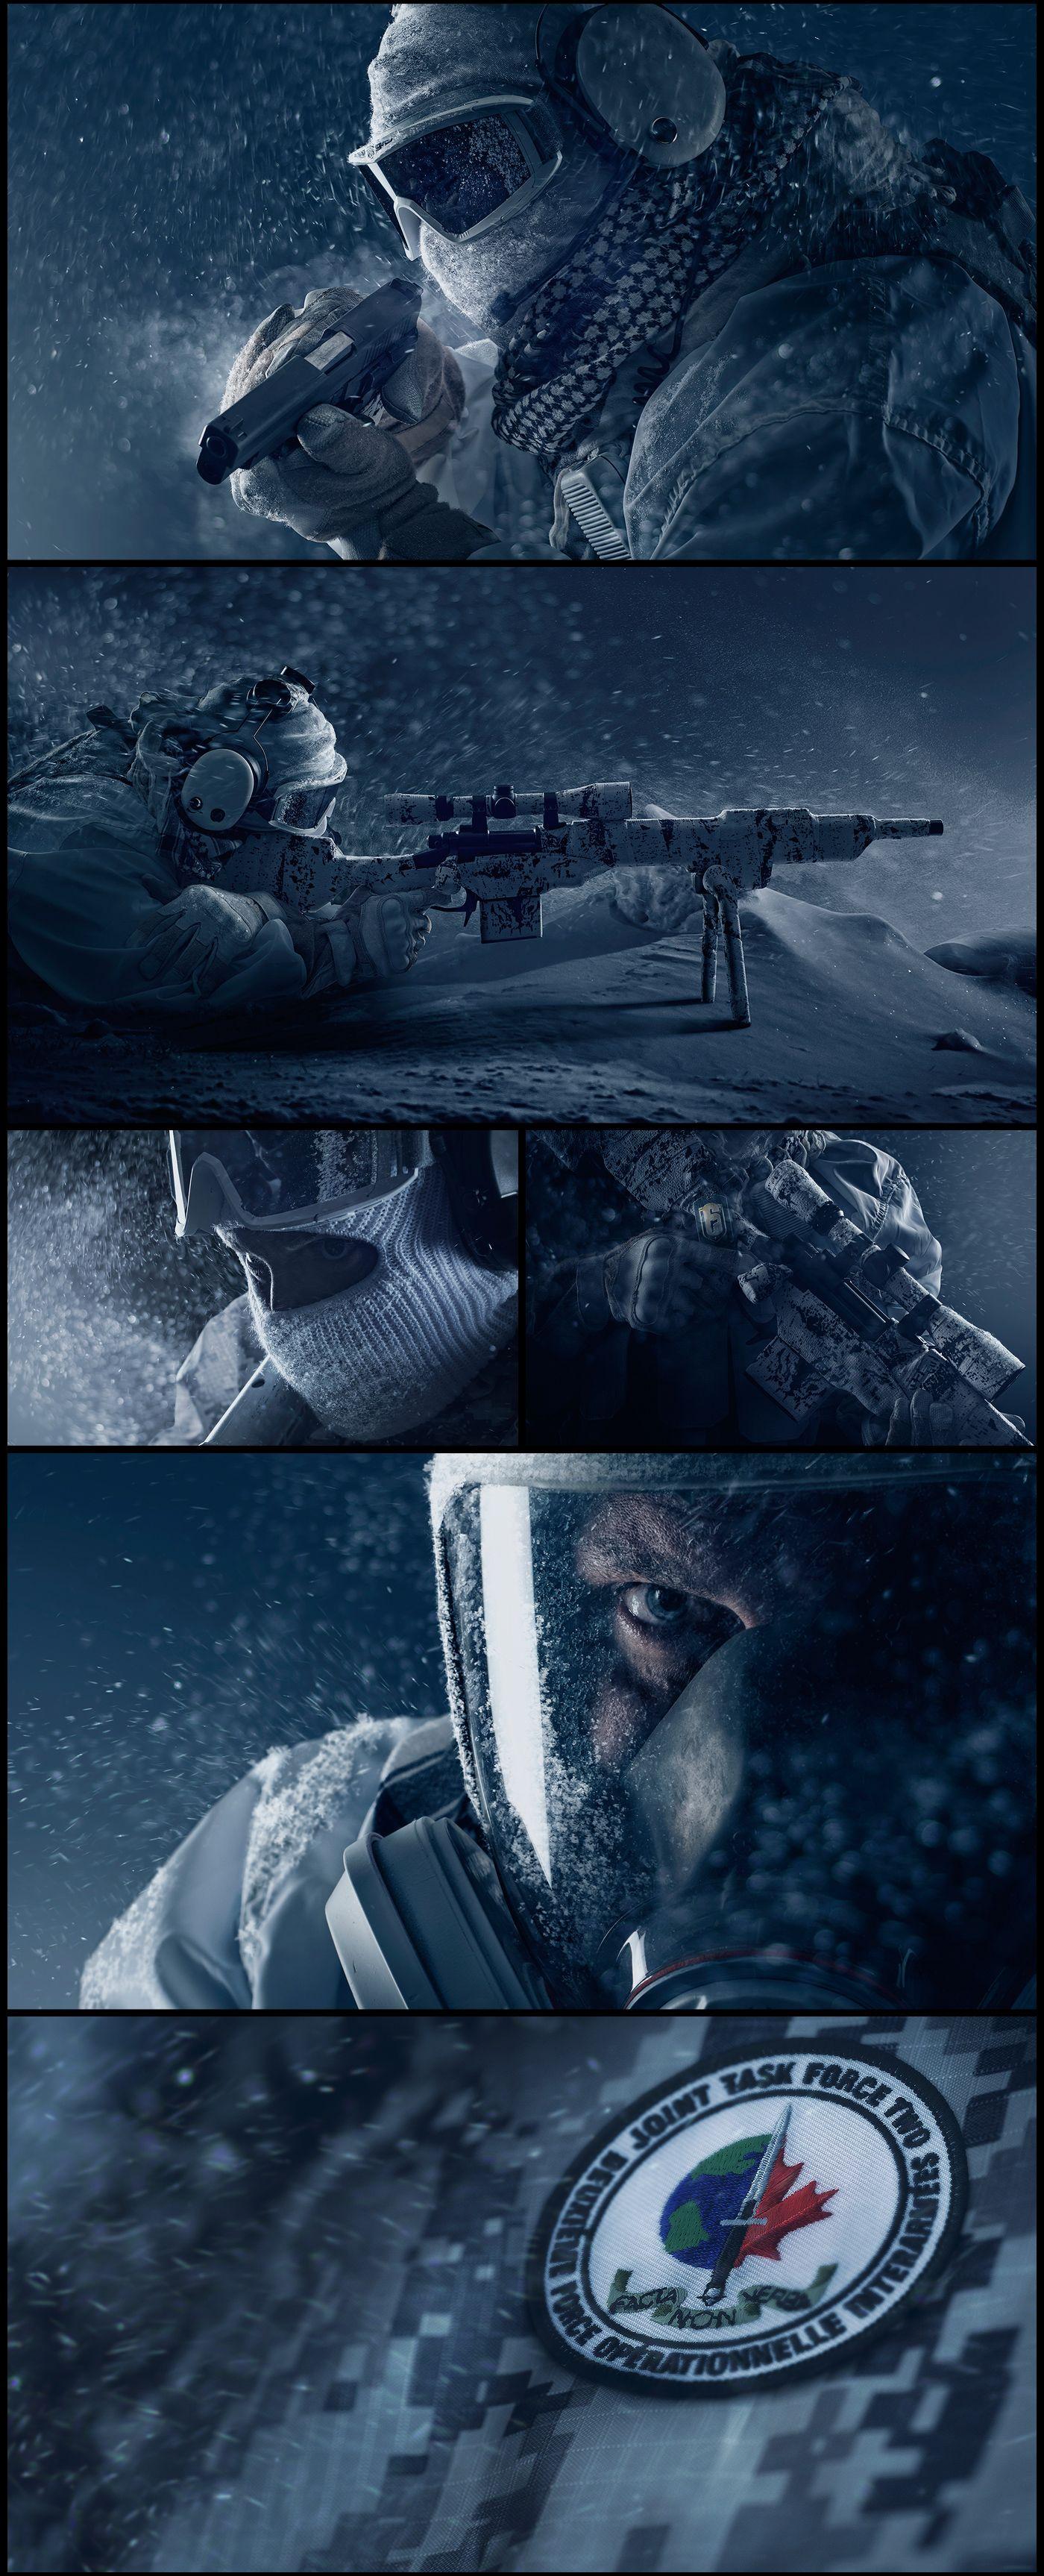 Rainbowsix Siege Black Ice On Behance Rainbow Six Siege Art Rainbow 6 Seige Rainbow Six Siege Memes